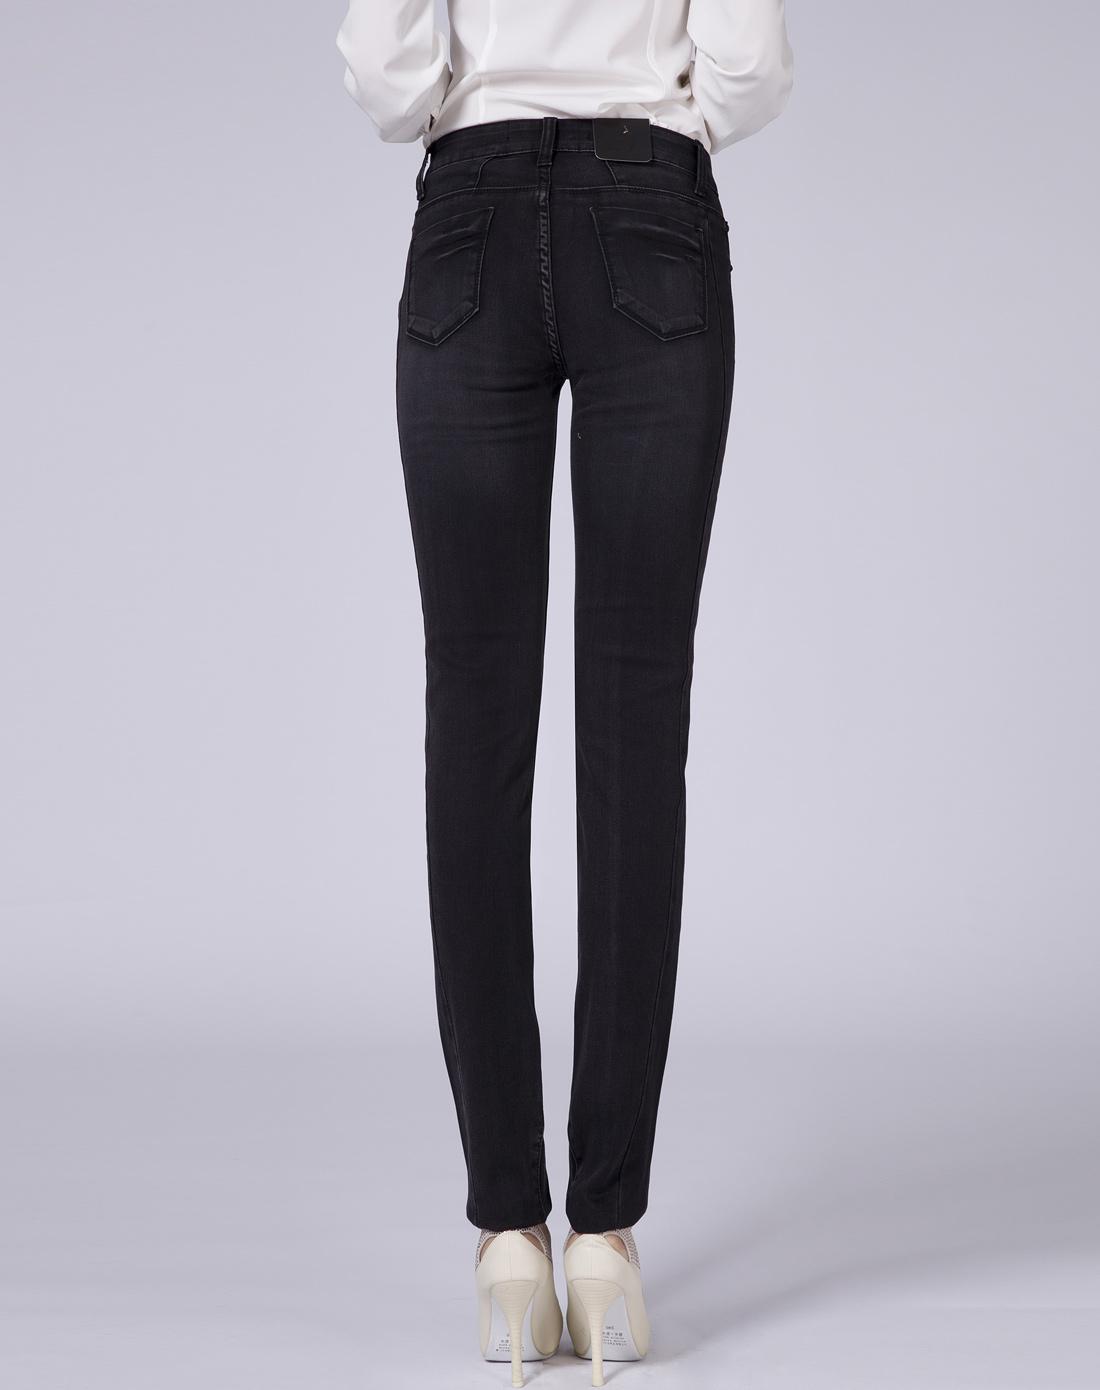 女款黑色牛仔裤简约修身小脚裤